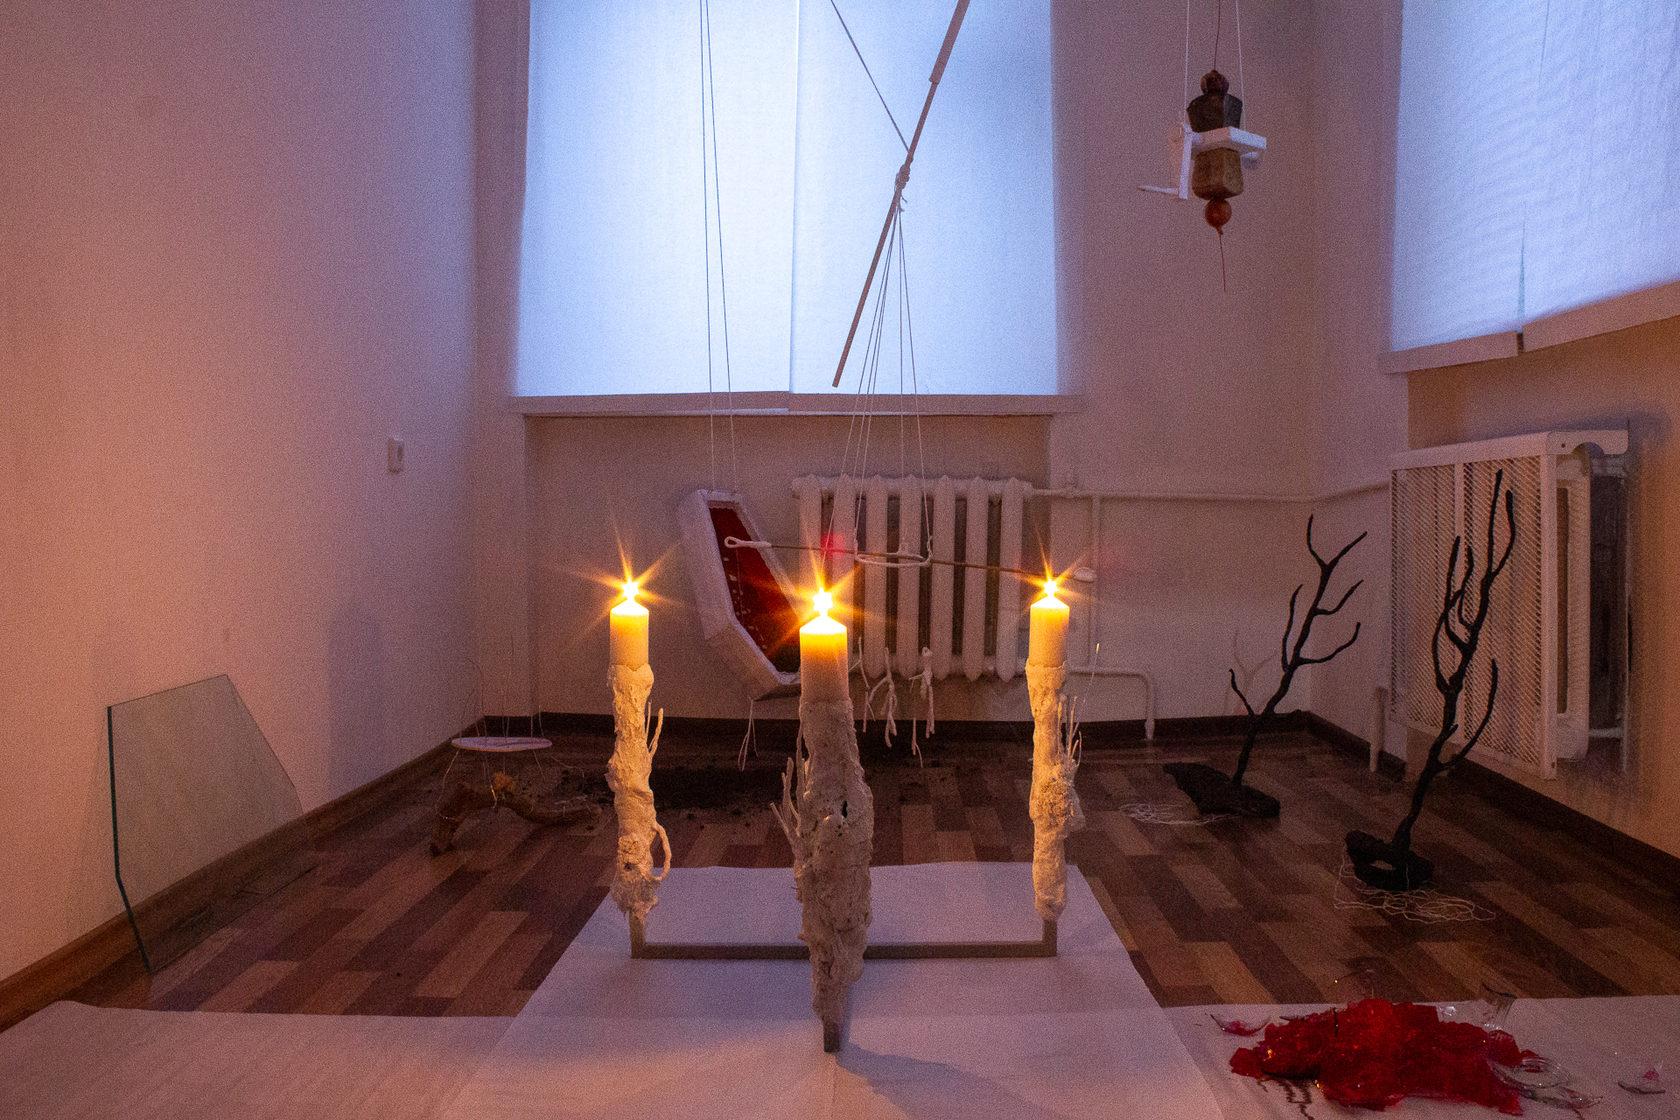 Ирка Солза, «Бог-структура» и другие работы (Из «Каталога простых машин», 2013-2019).